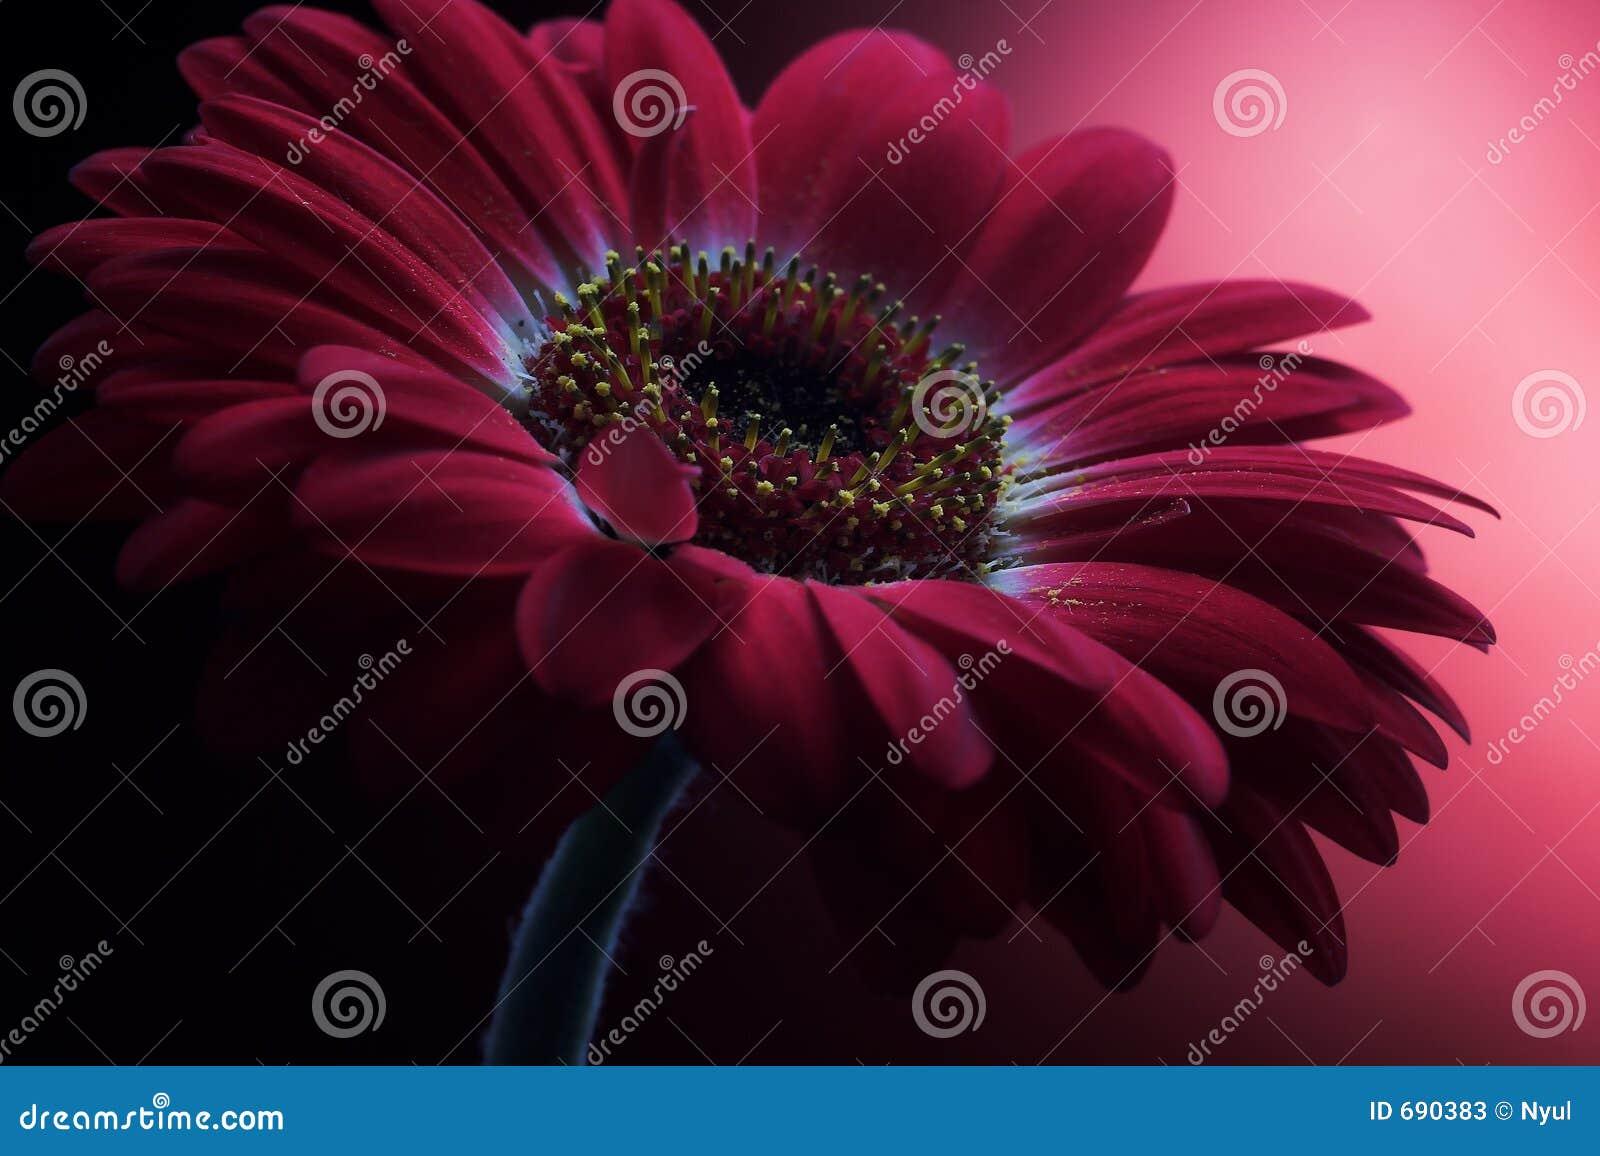 Composición de color de malva 1. de la flor.